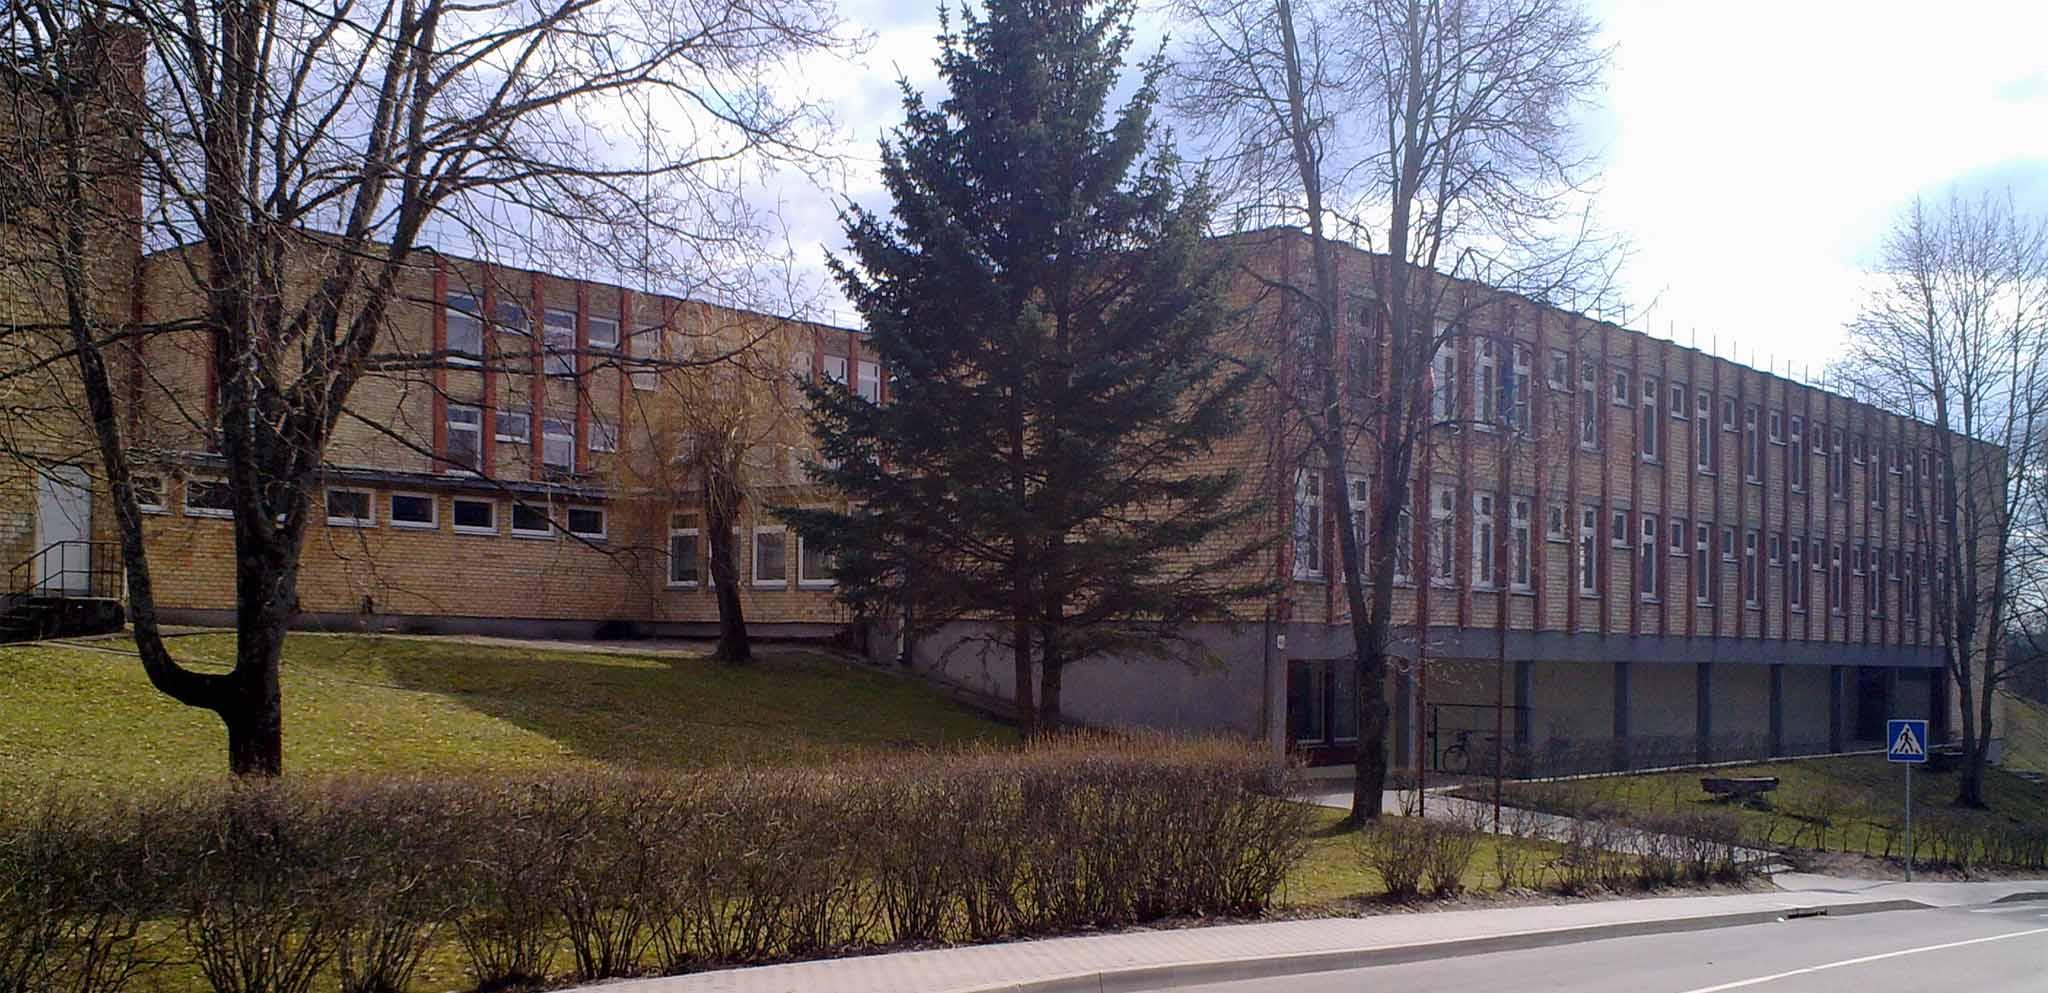 Sukces Szkoły Średniej w Trokach – szkoła uzyska status gimnazjum